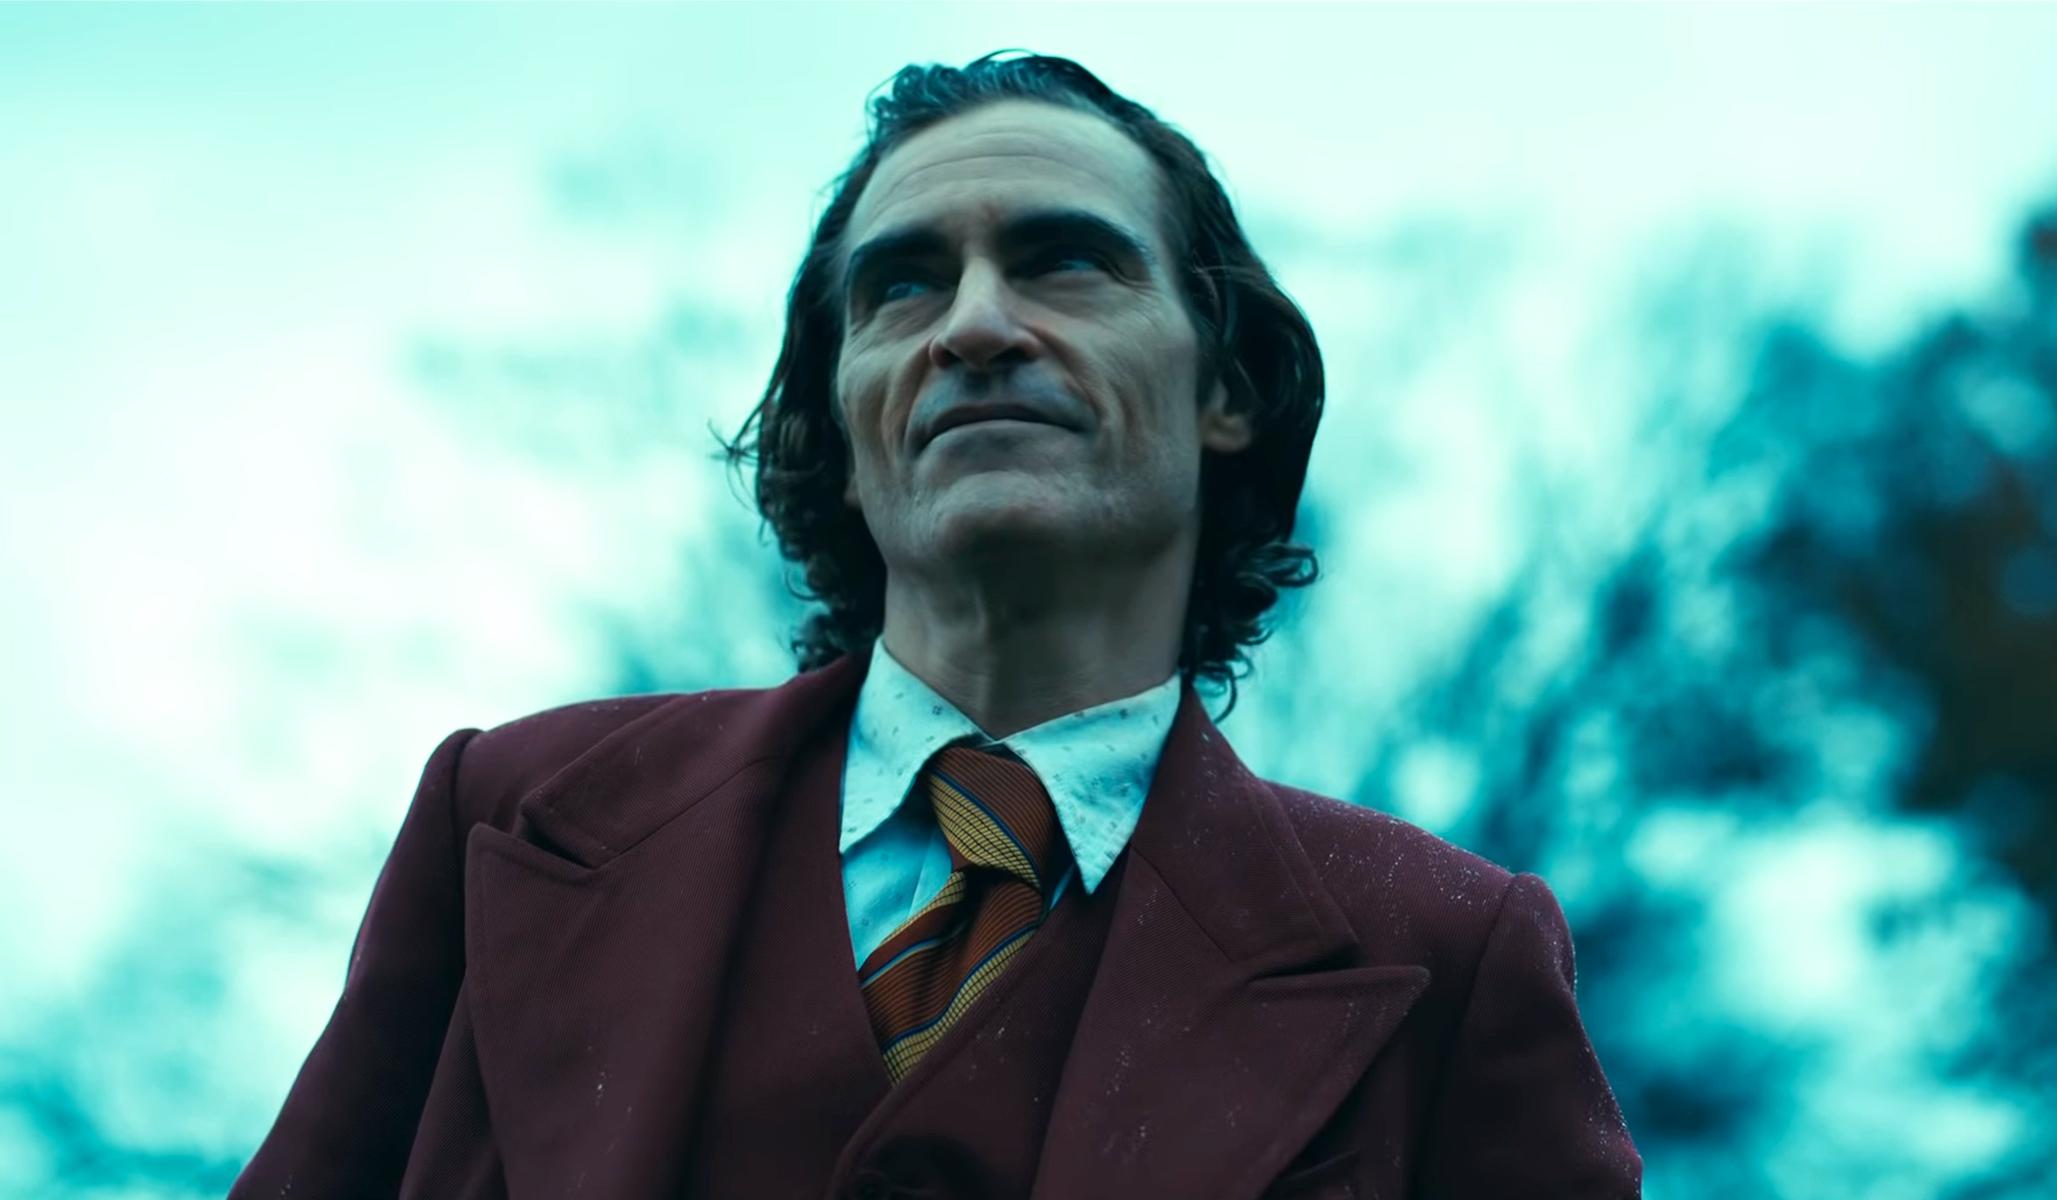 Joker: An Honest Treatment of Madness